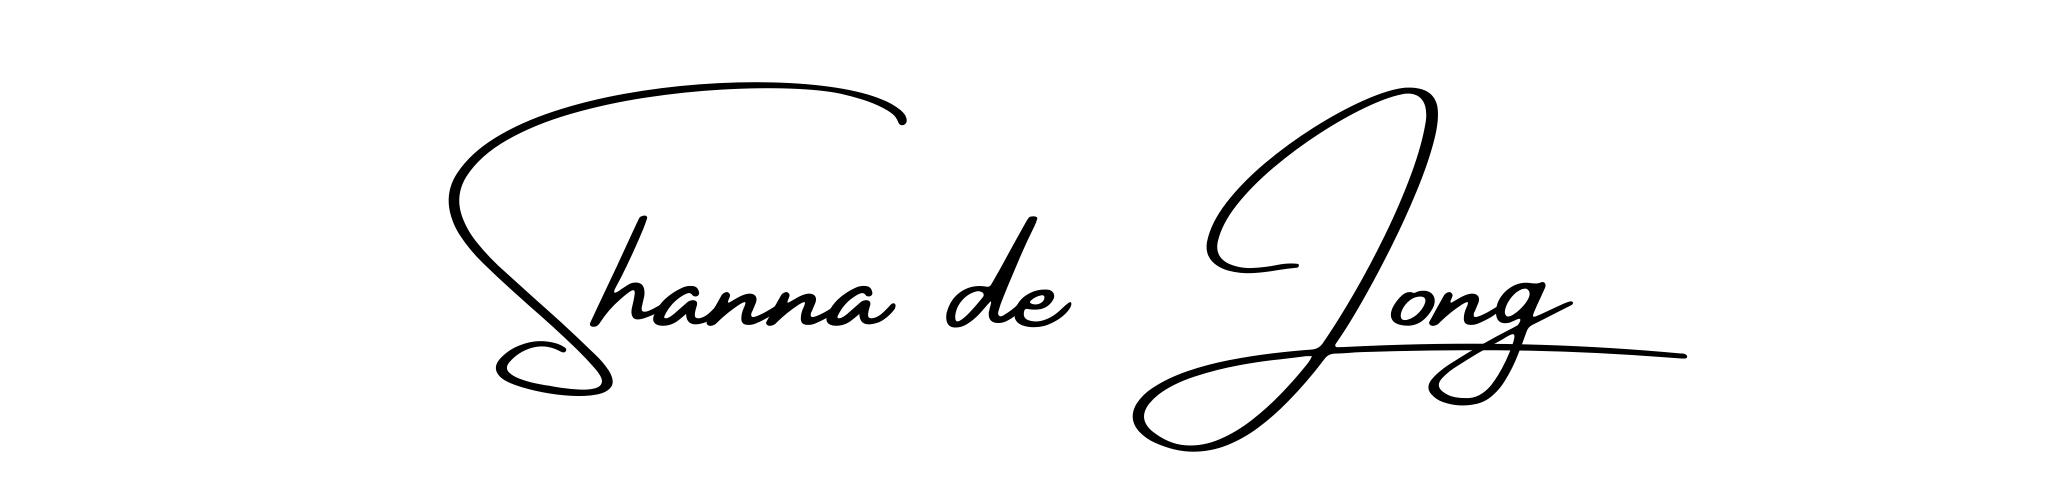 Shanna de Jong